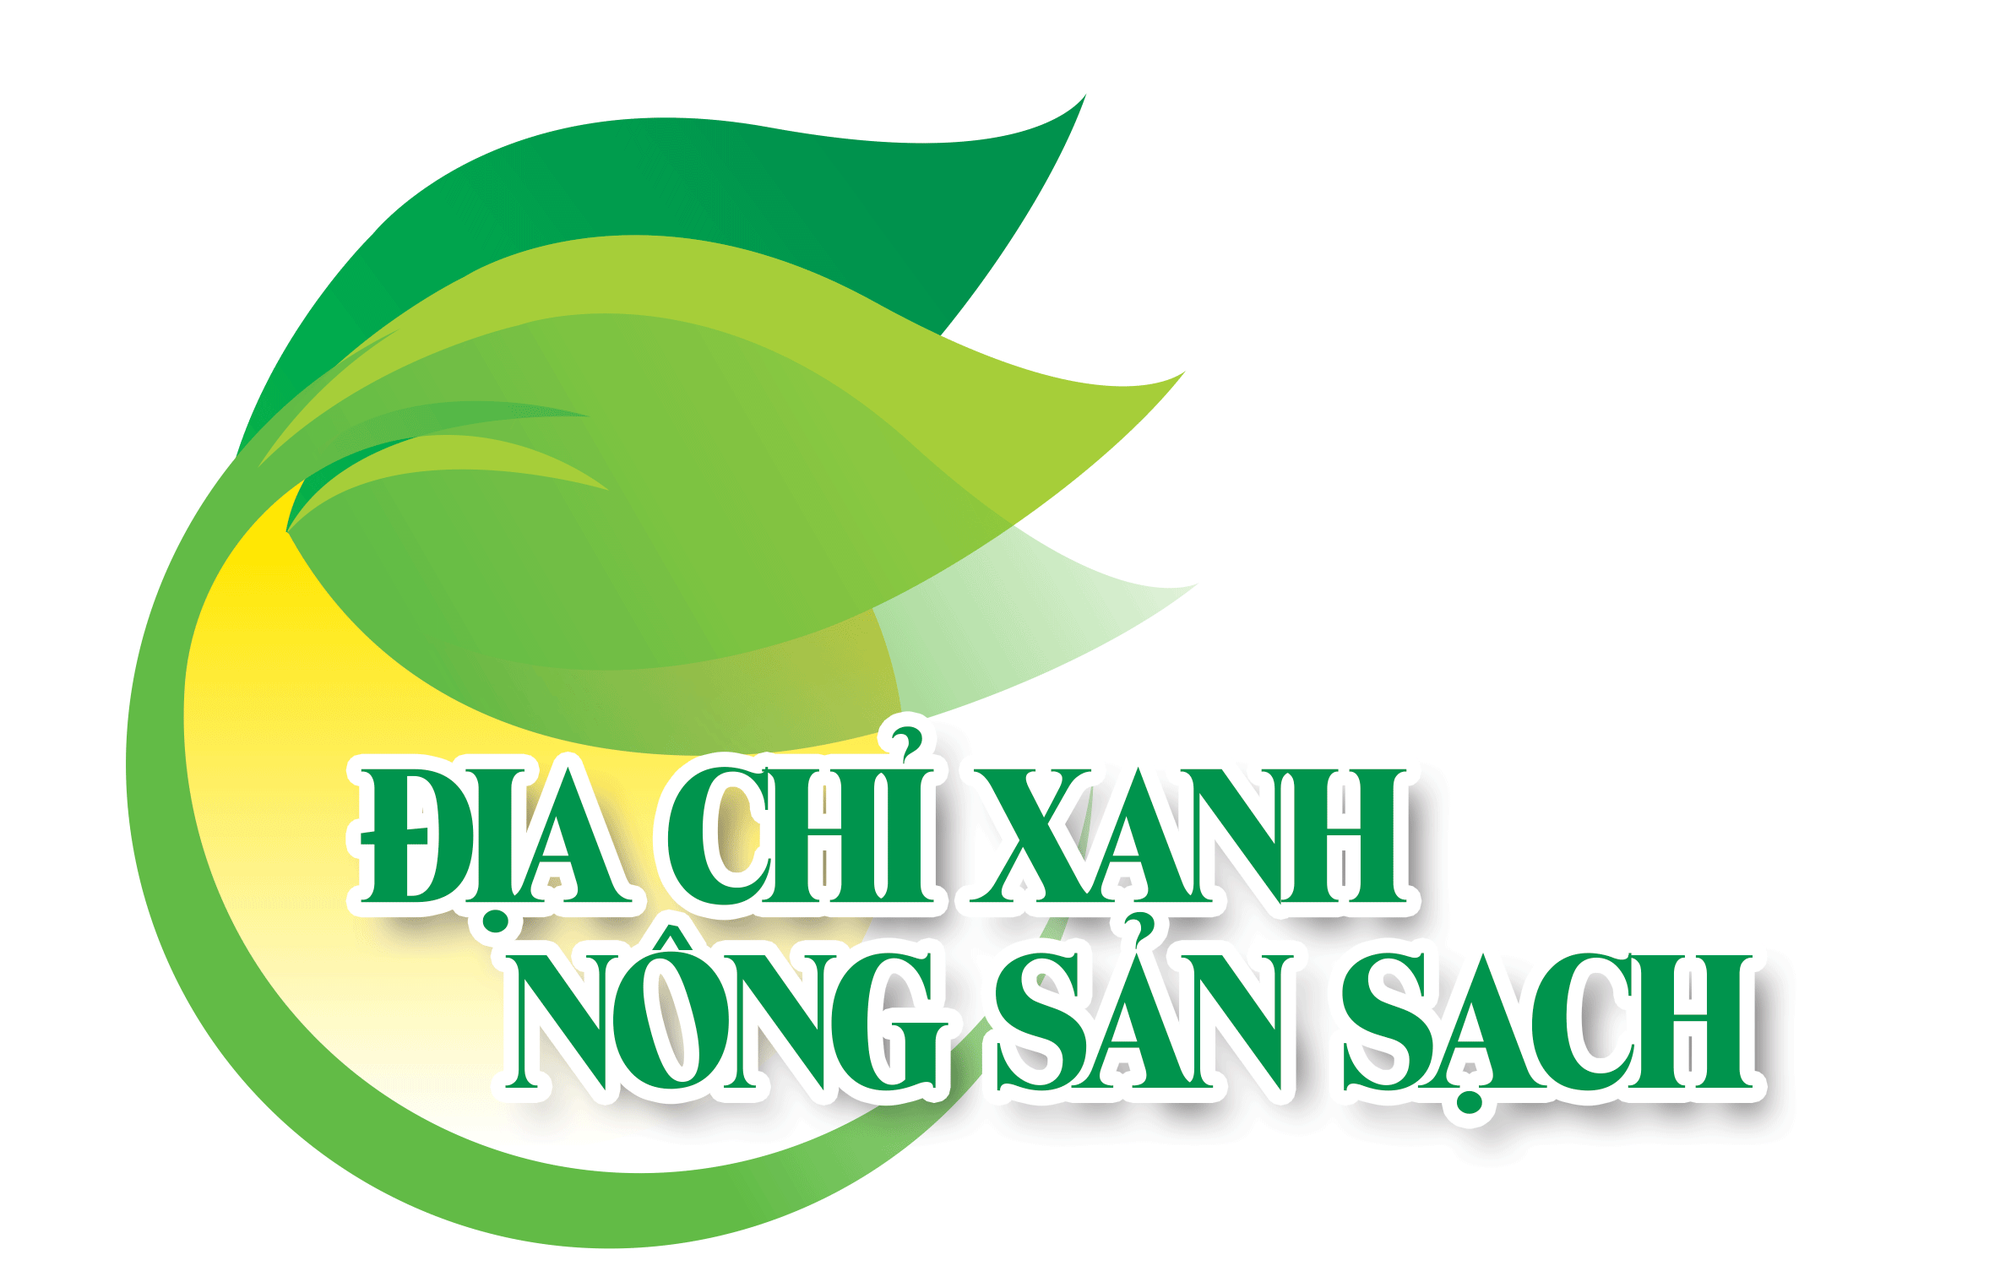 Việt Nam có 1.612 chuỗi cung ứng nông lâm thuỷ sản an toàn trong 8 tháng đầu năm - Ảnh 2.